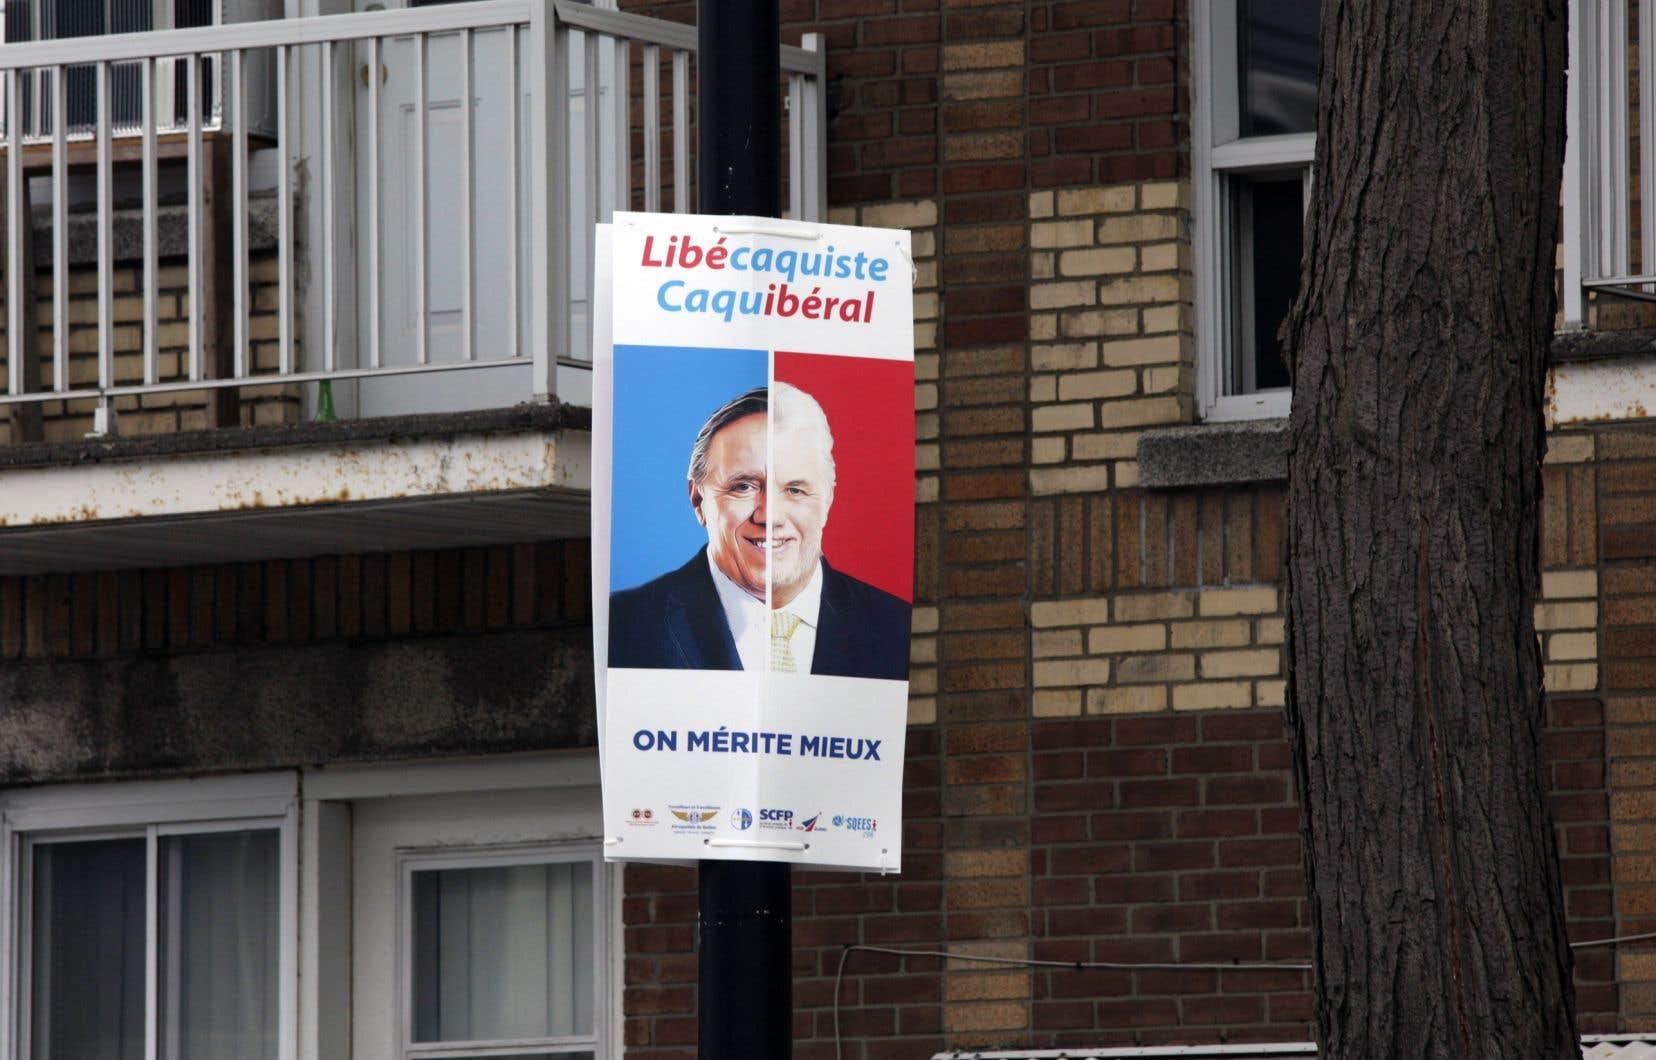 Une coalition syndicale a placardé dans plusieurs villes des affiches qui marquent leur opposition aux politiques du PLQ et de la CAQ.